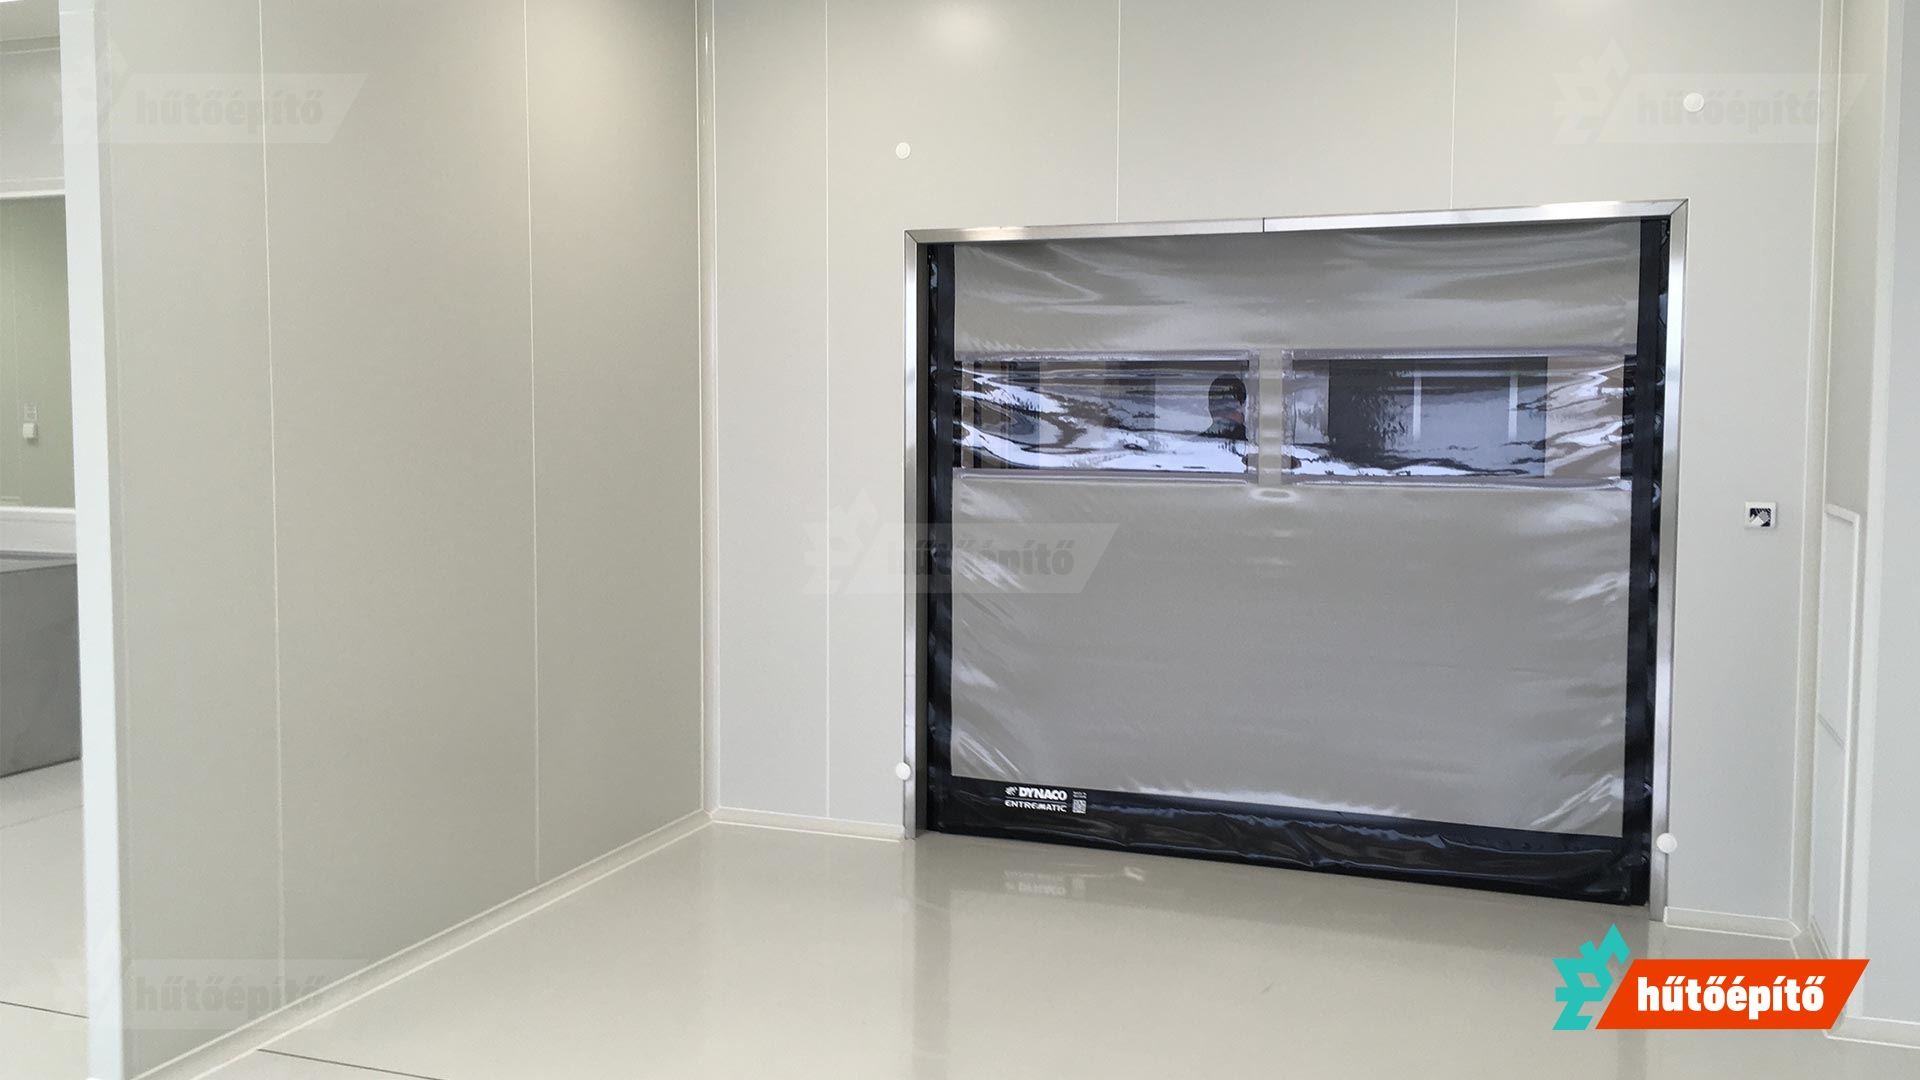 hűtőépíto klíma és teszt teszkamra építés